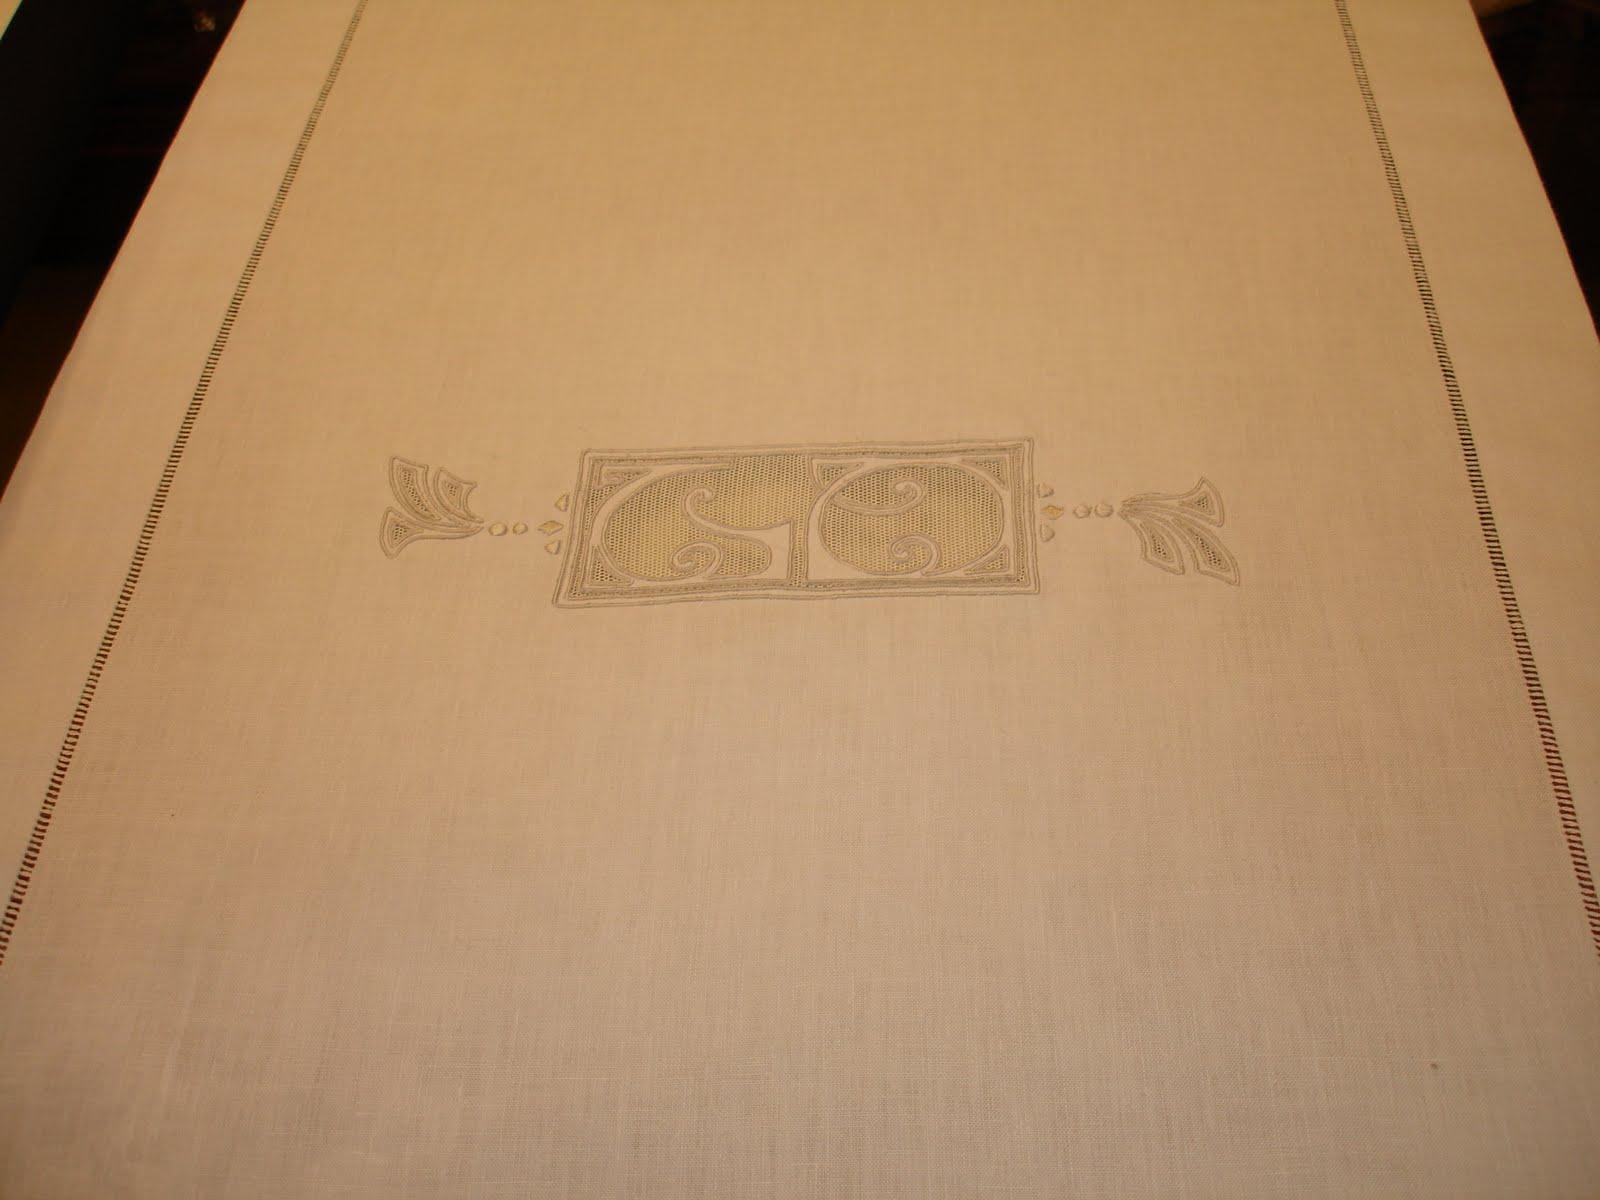 Dosel lencer a de hogar manteles de lino natural bordado - Manteles de lino ...